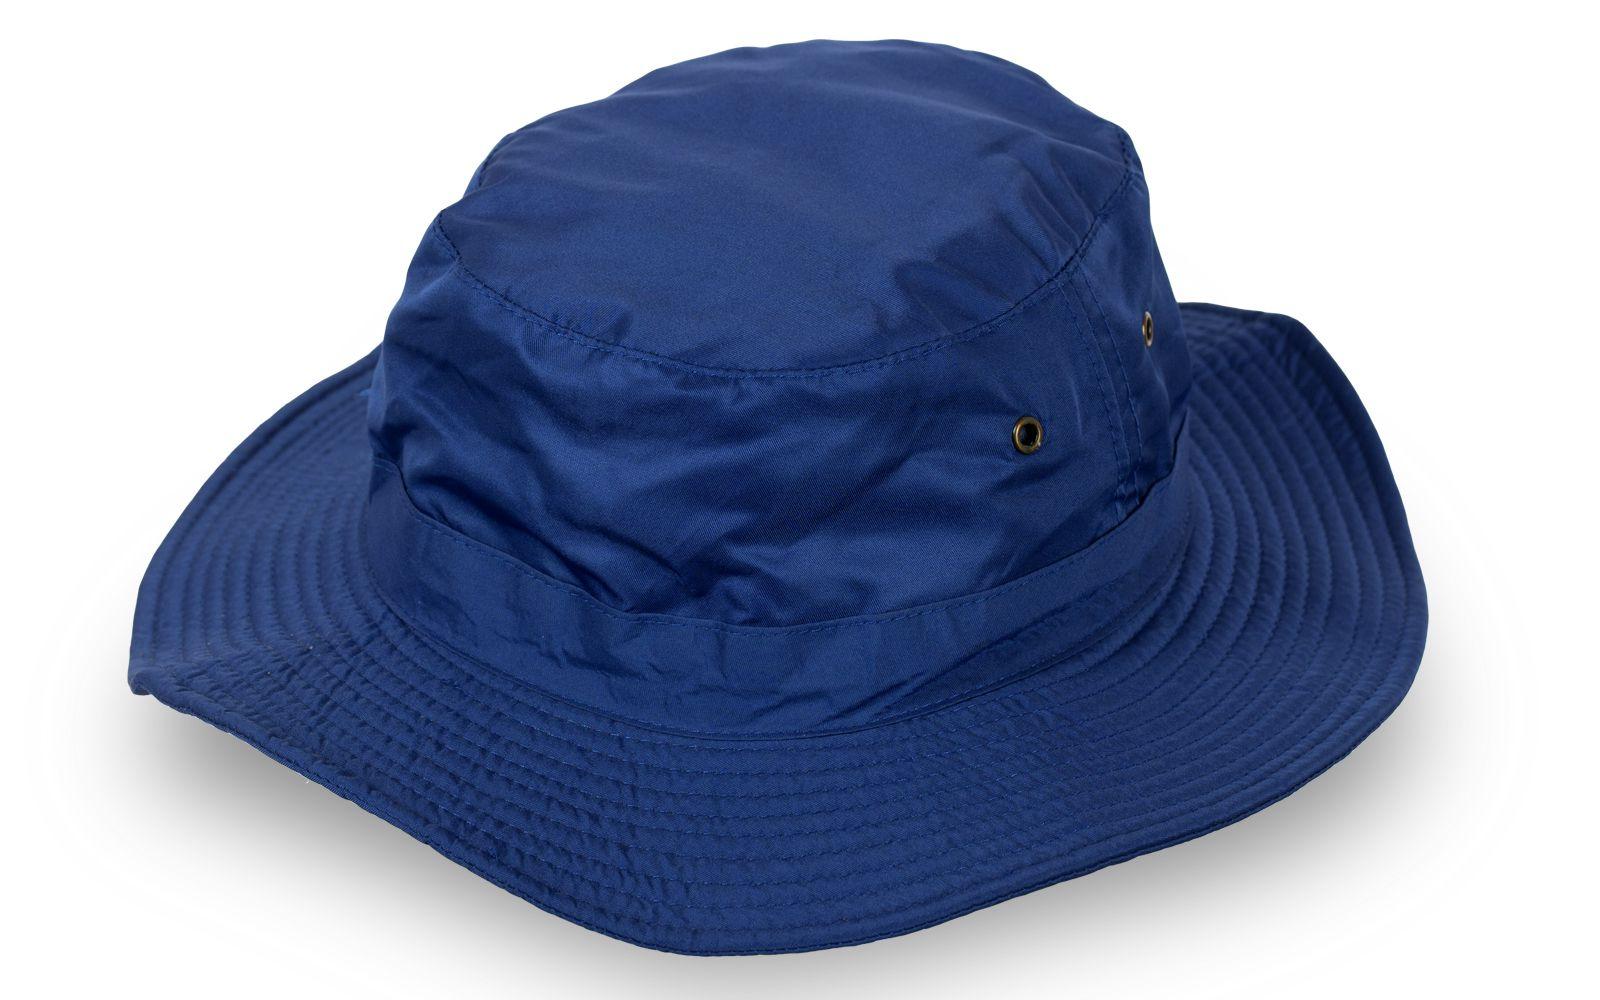 Строгая шляпа для отдыха на Черном море